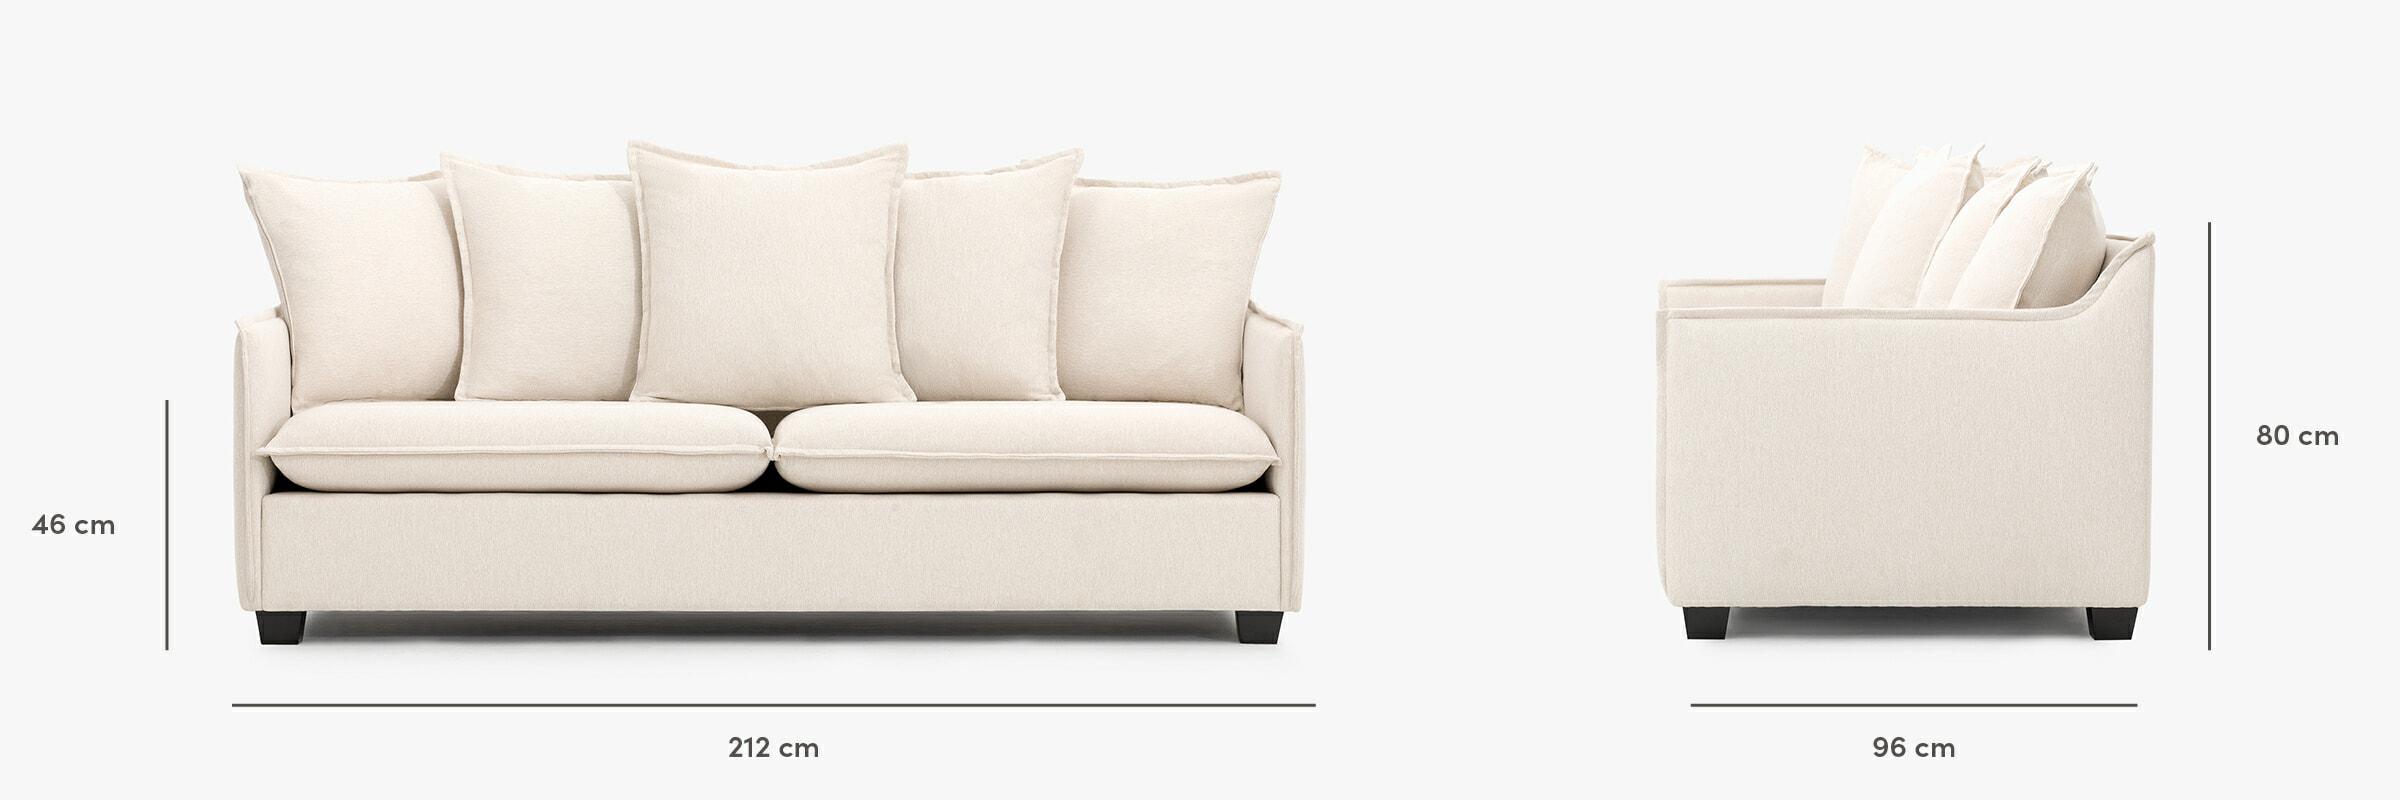 Miami sofa dimensions